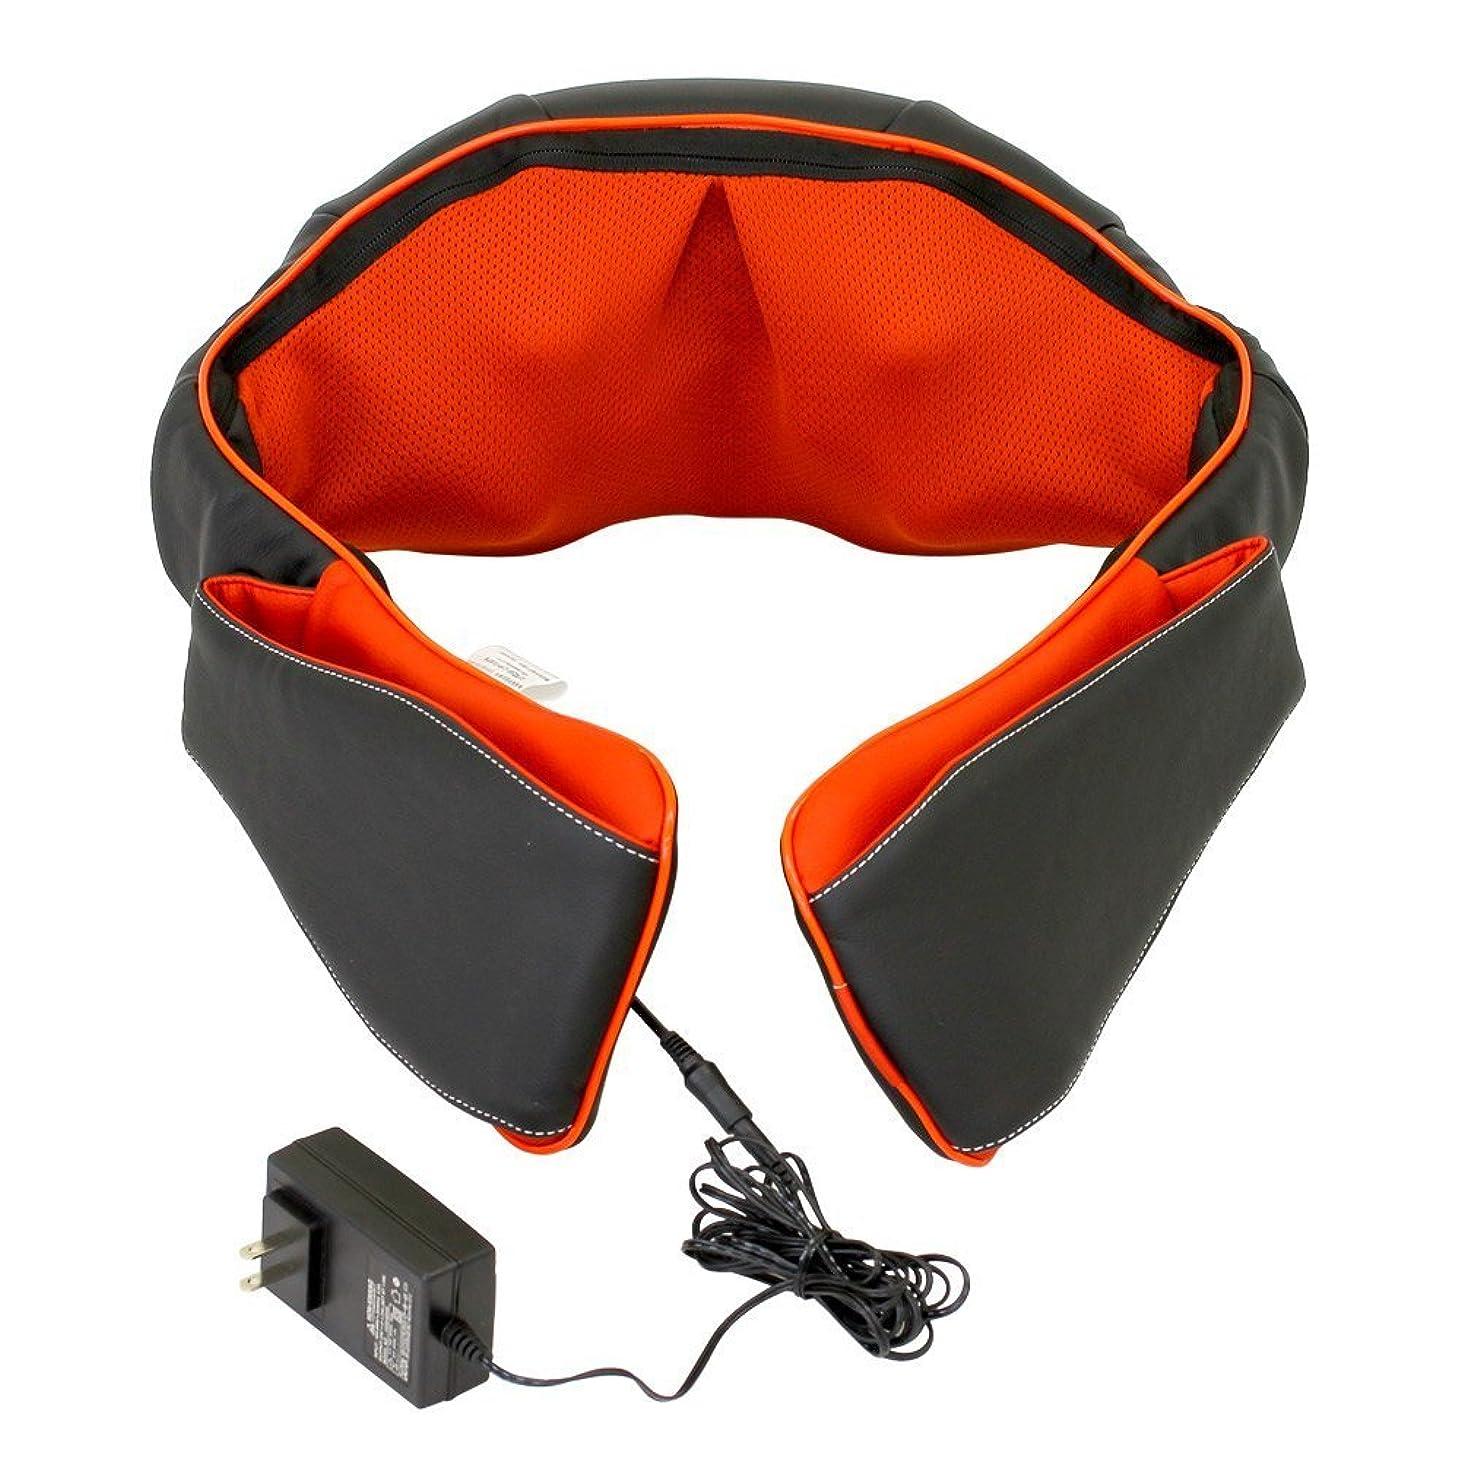 クリーム電子レンジ発生する医療機器認可取得 マッサージ器 ネックマッサー も~む 首?肩?背中?腰 マッサージ機 指圧風もみ玉マッサージ 058356